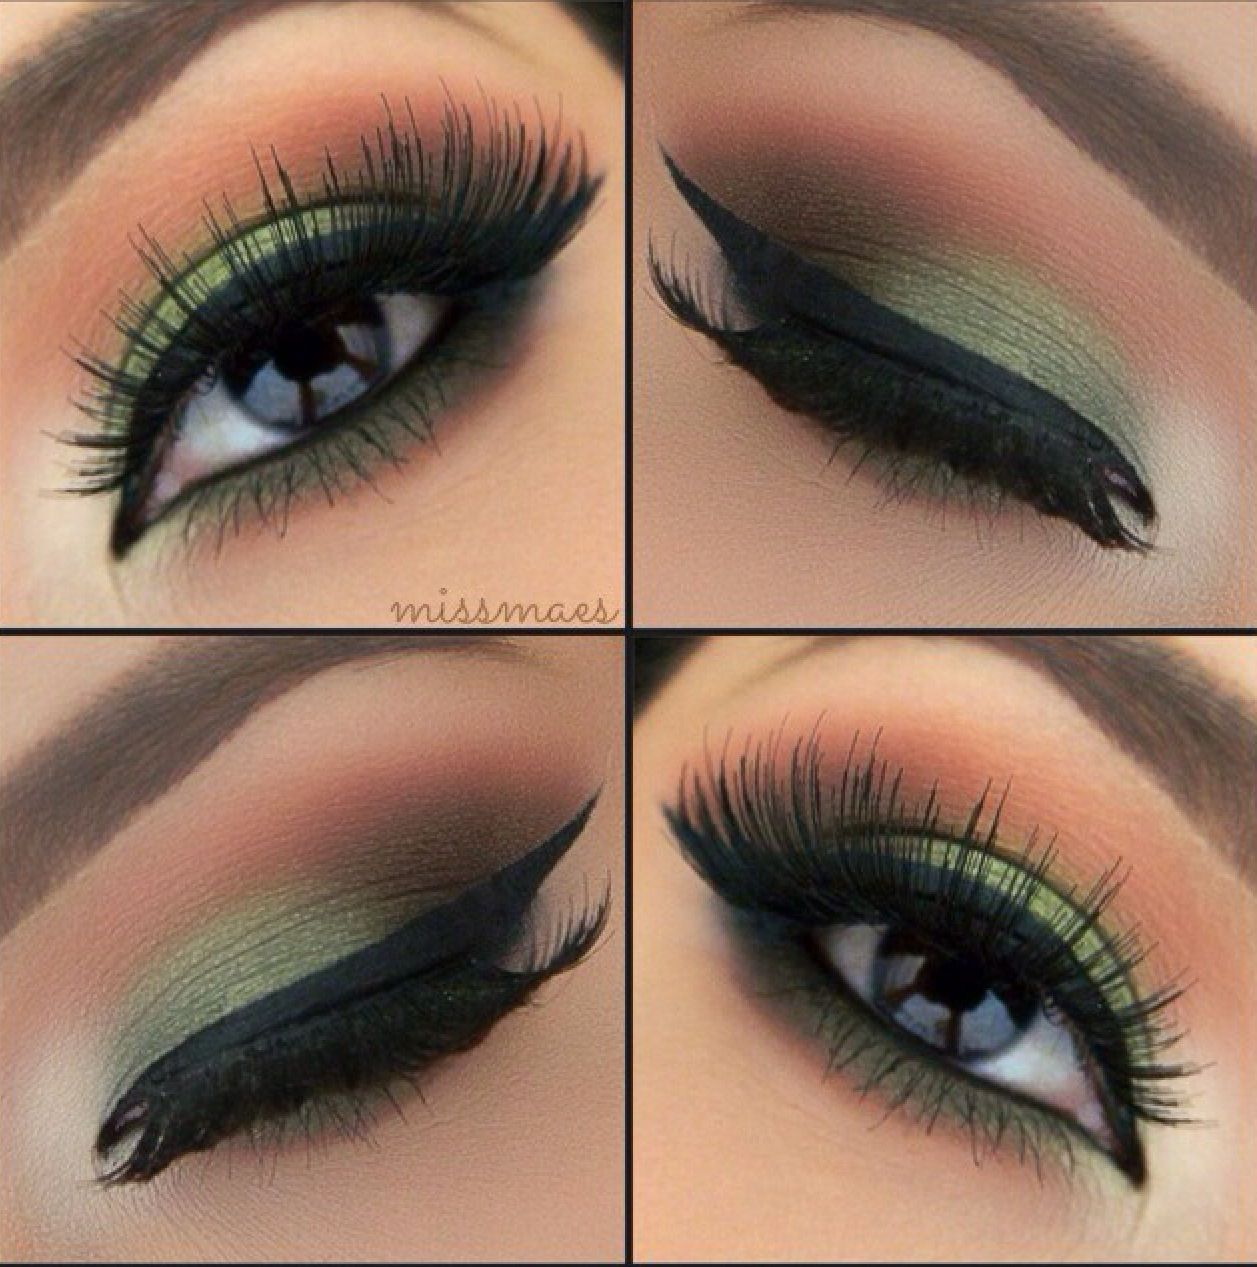 Pin By Ashley Jenniffer On Makeup Smokey Eye Makeup Eye Makeup Eye Make Up